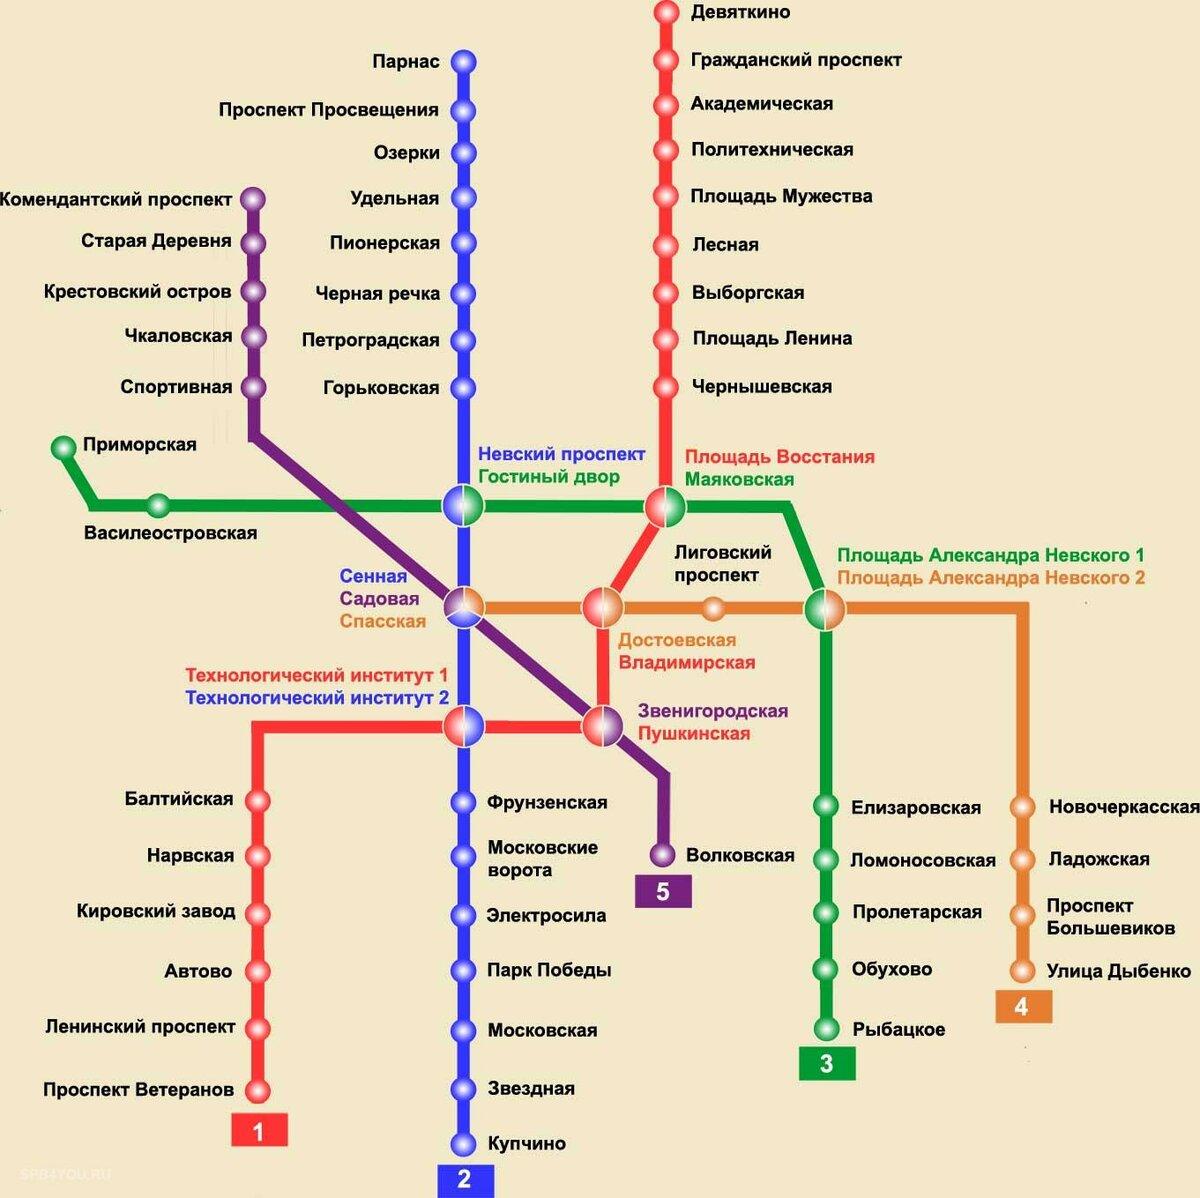 мне моим карта метро спб картинки устройство, превращающее часть